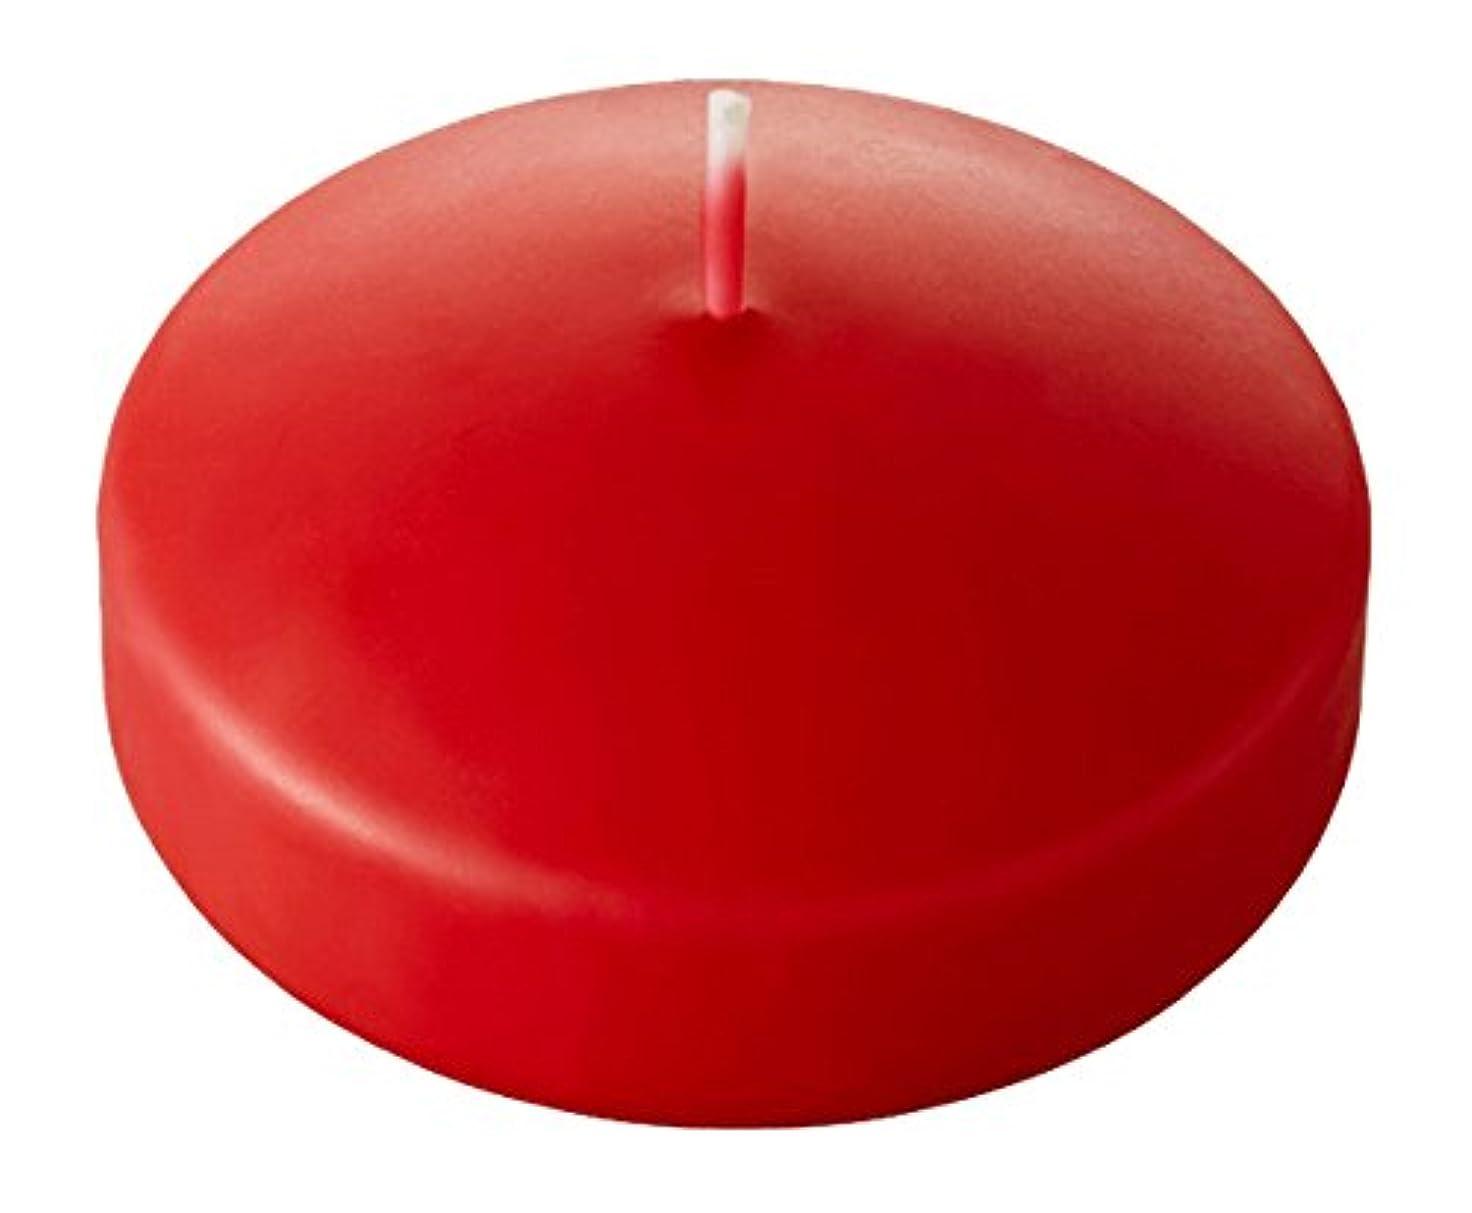 ルート極地欲しいですキャンドル プール80(カラーアトリエ) 「 コーラルオレンジ 」 12個入り A7060000CO